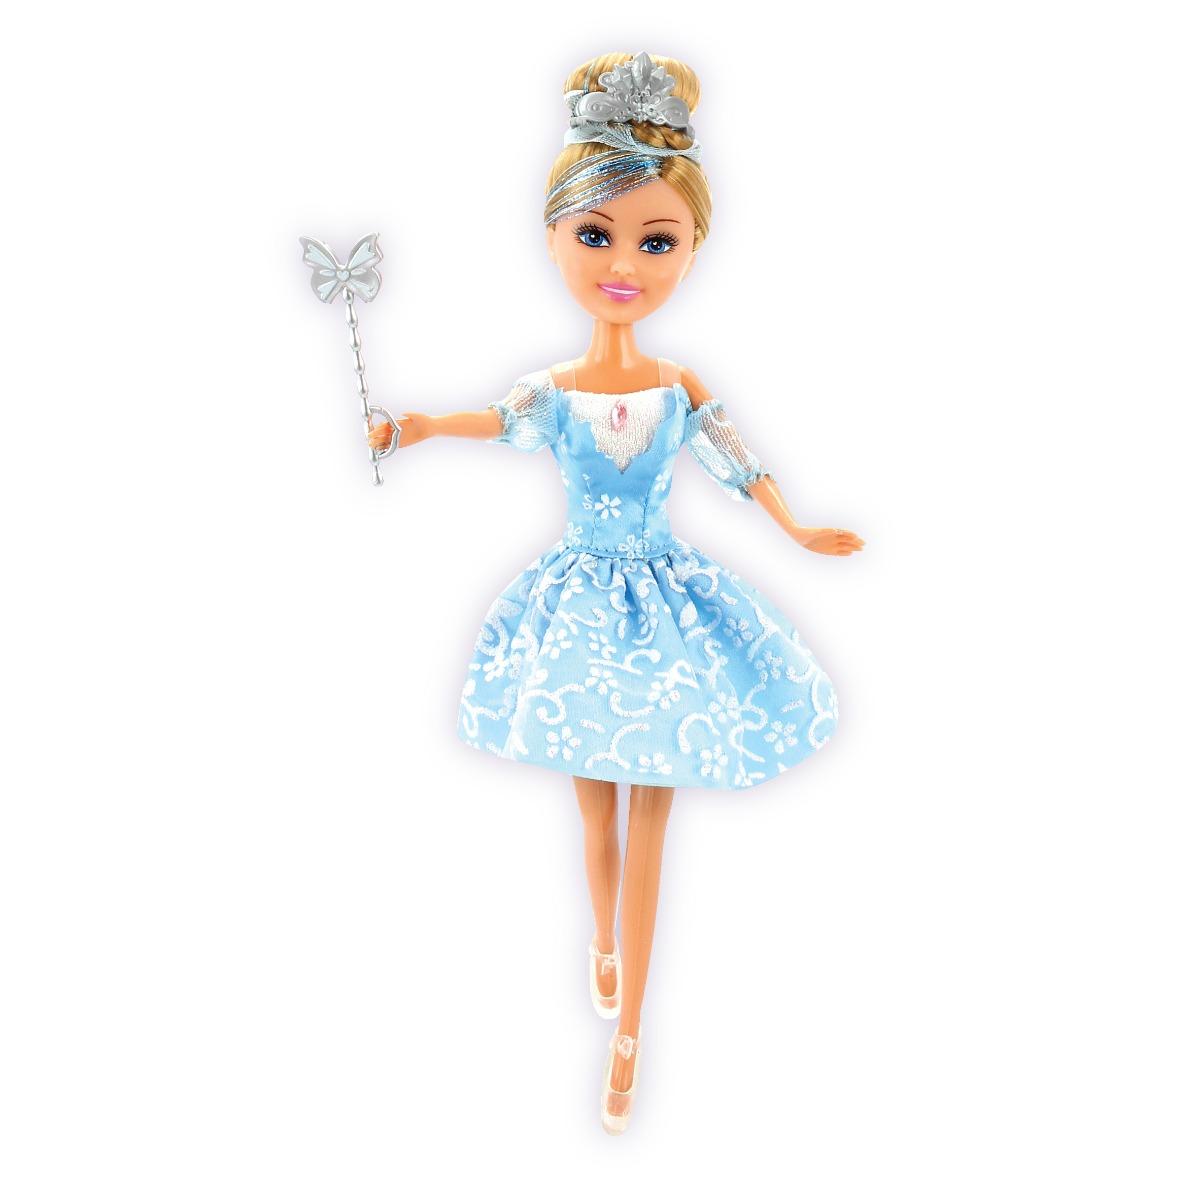 Papusa Colectia Lilia - Balerina cu rochita albastra